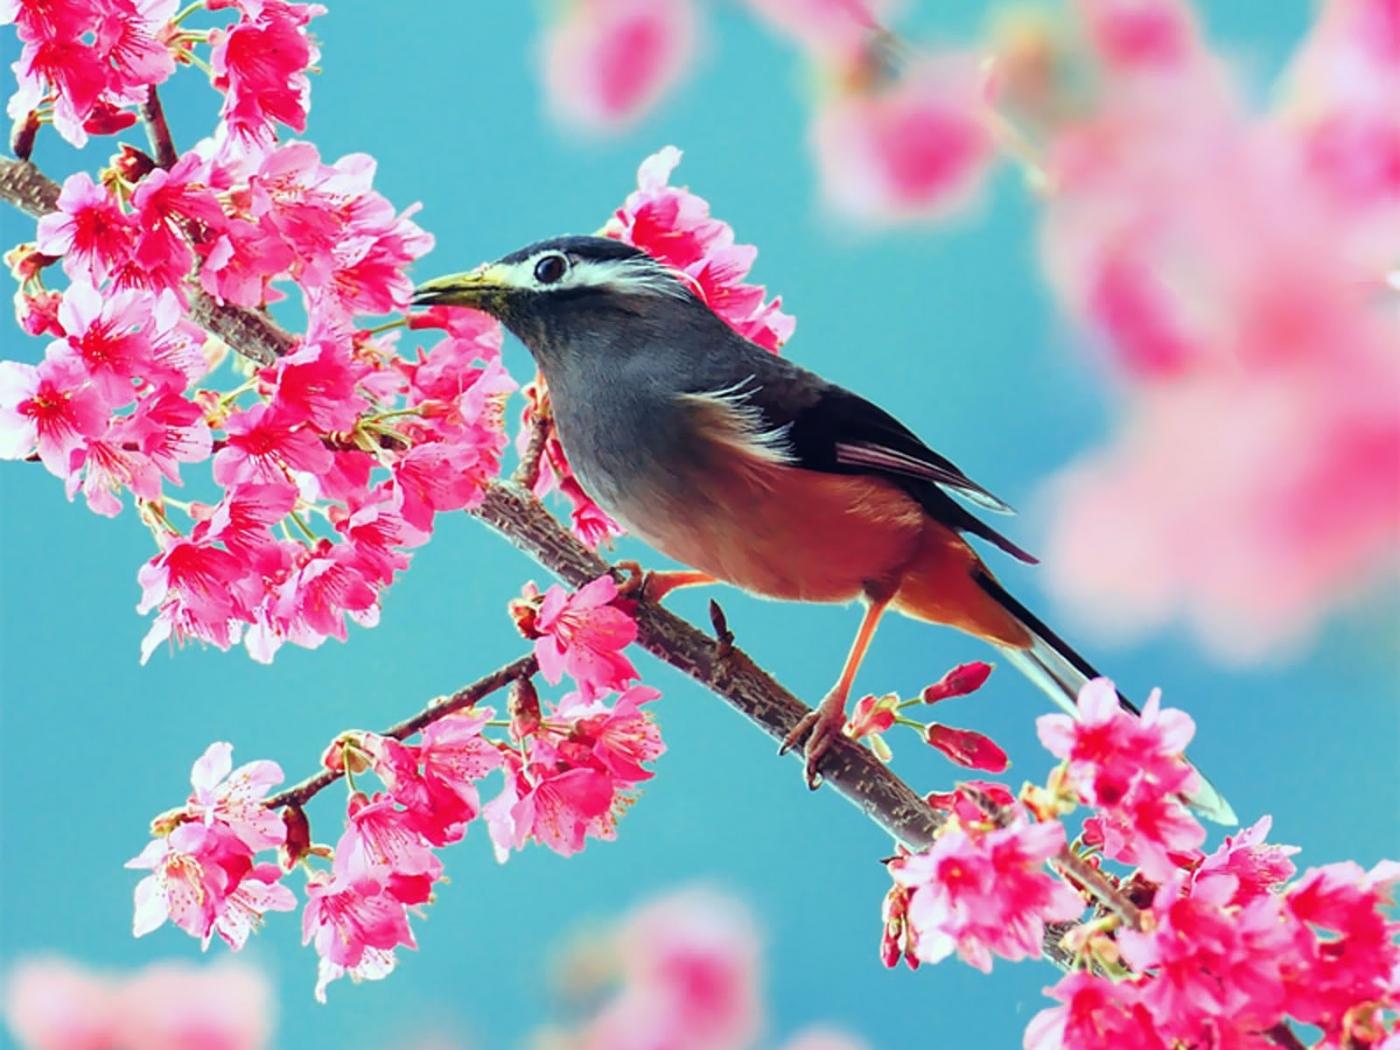 48575 Hintergrundbild herunterladen Pflanzen, Vögel - Bildschirmschoner und Bilder kostenlos